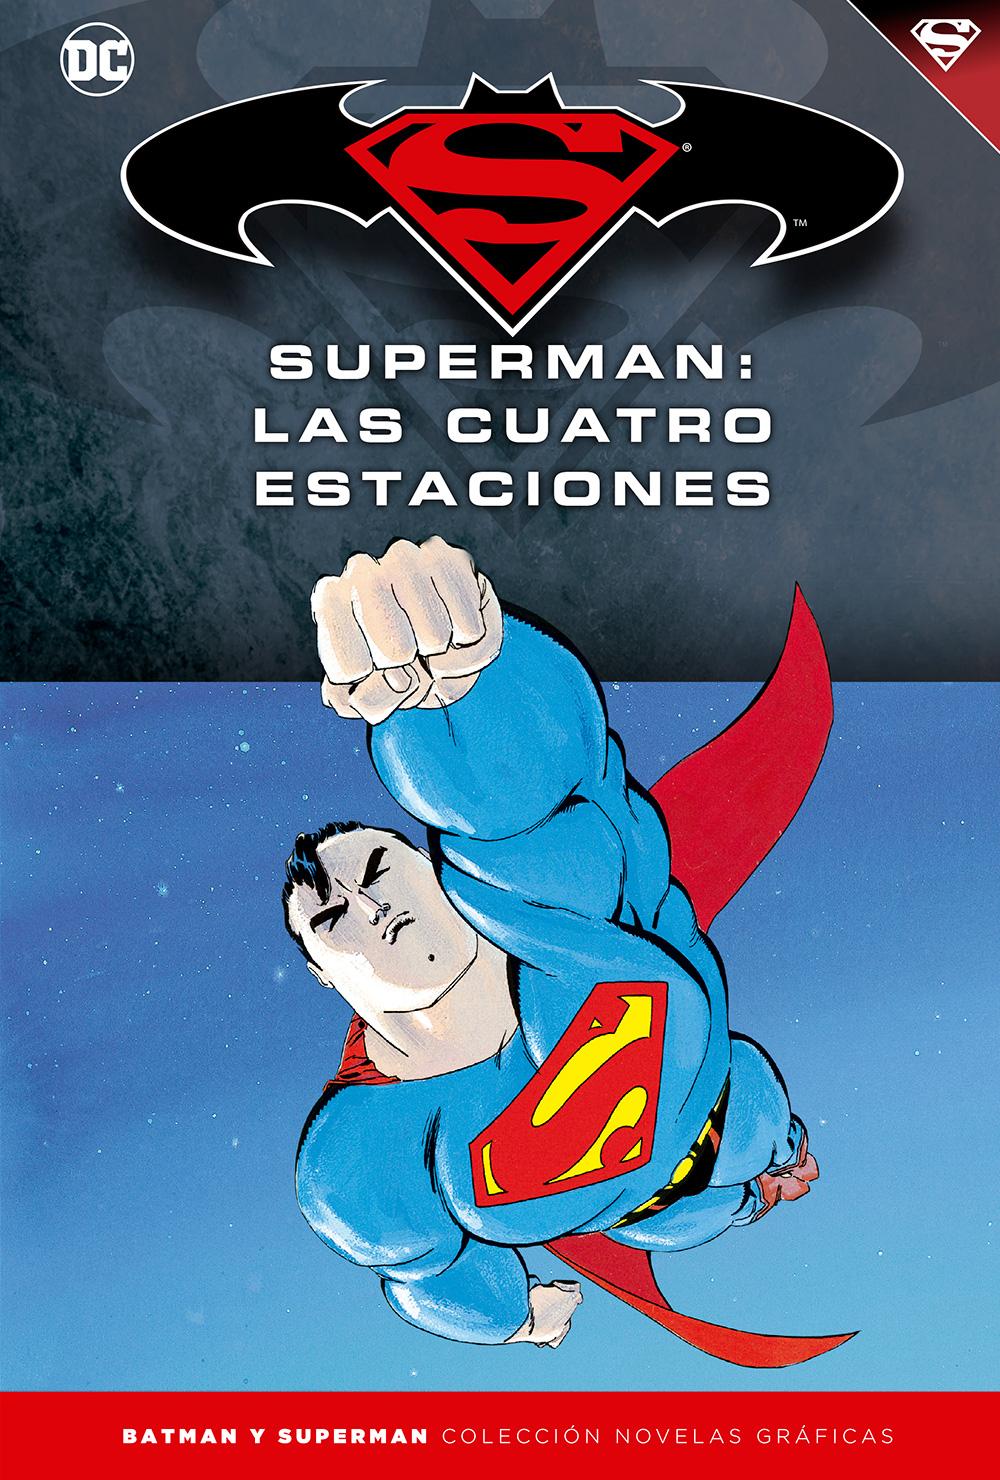 [DC - Salvat] Batman y Superman: Colección Novelas Gráficas - Página 8 Portada_BMSM_17_Superman_las_cuatro-estaciones